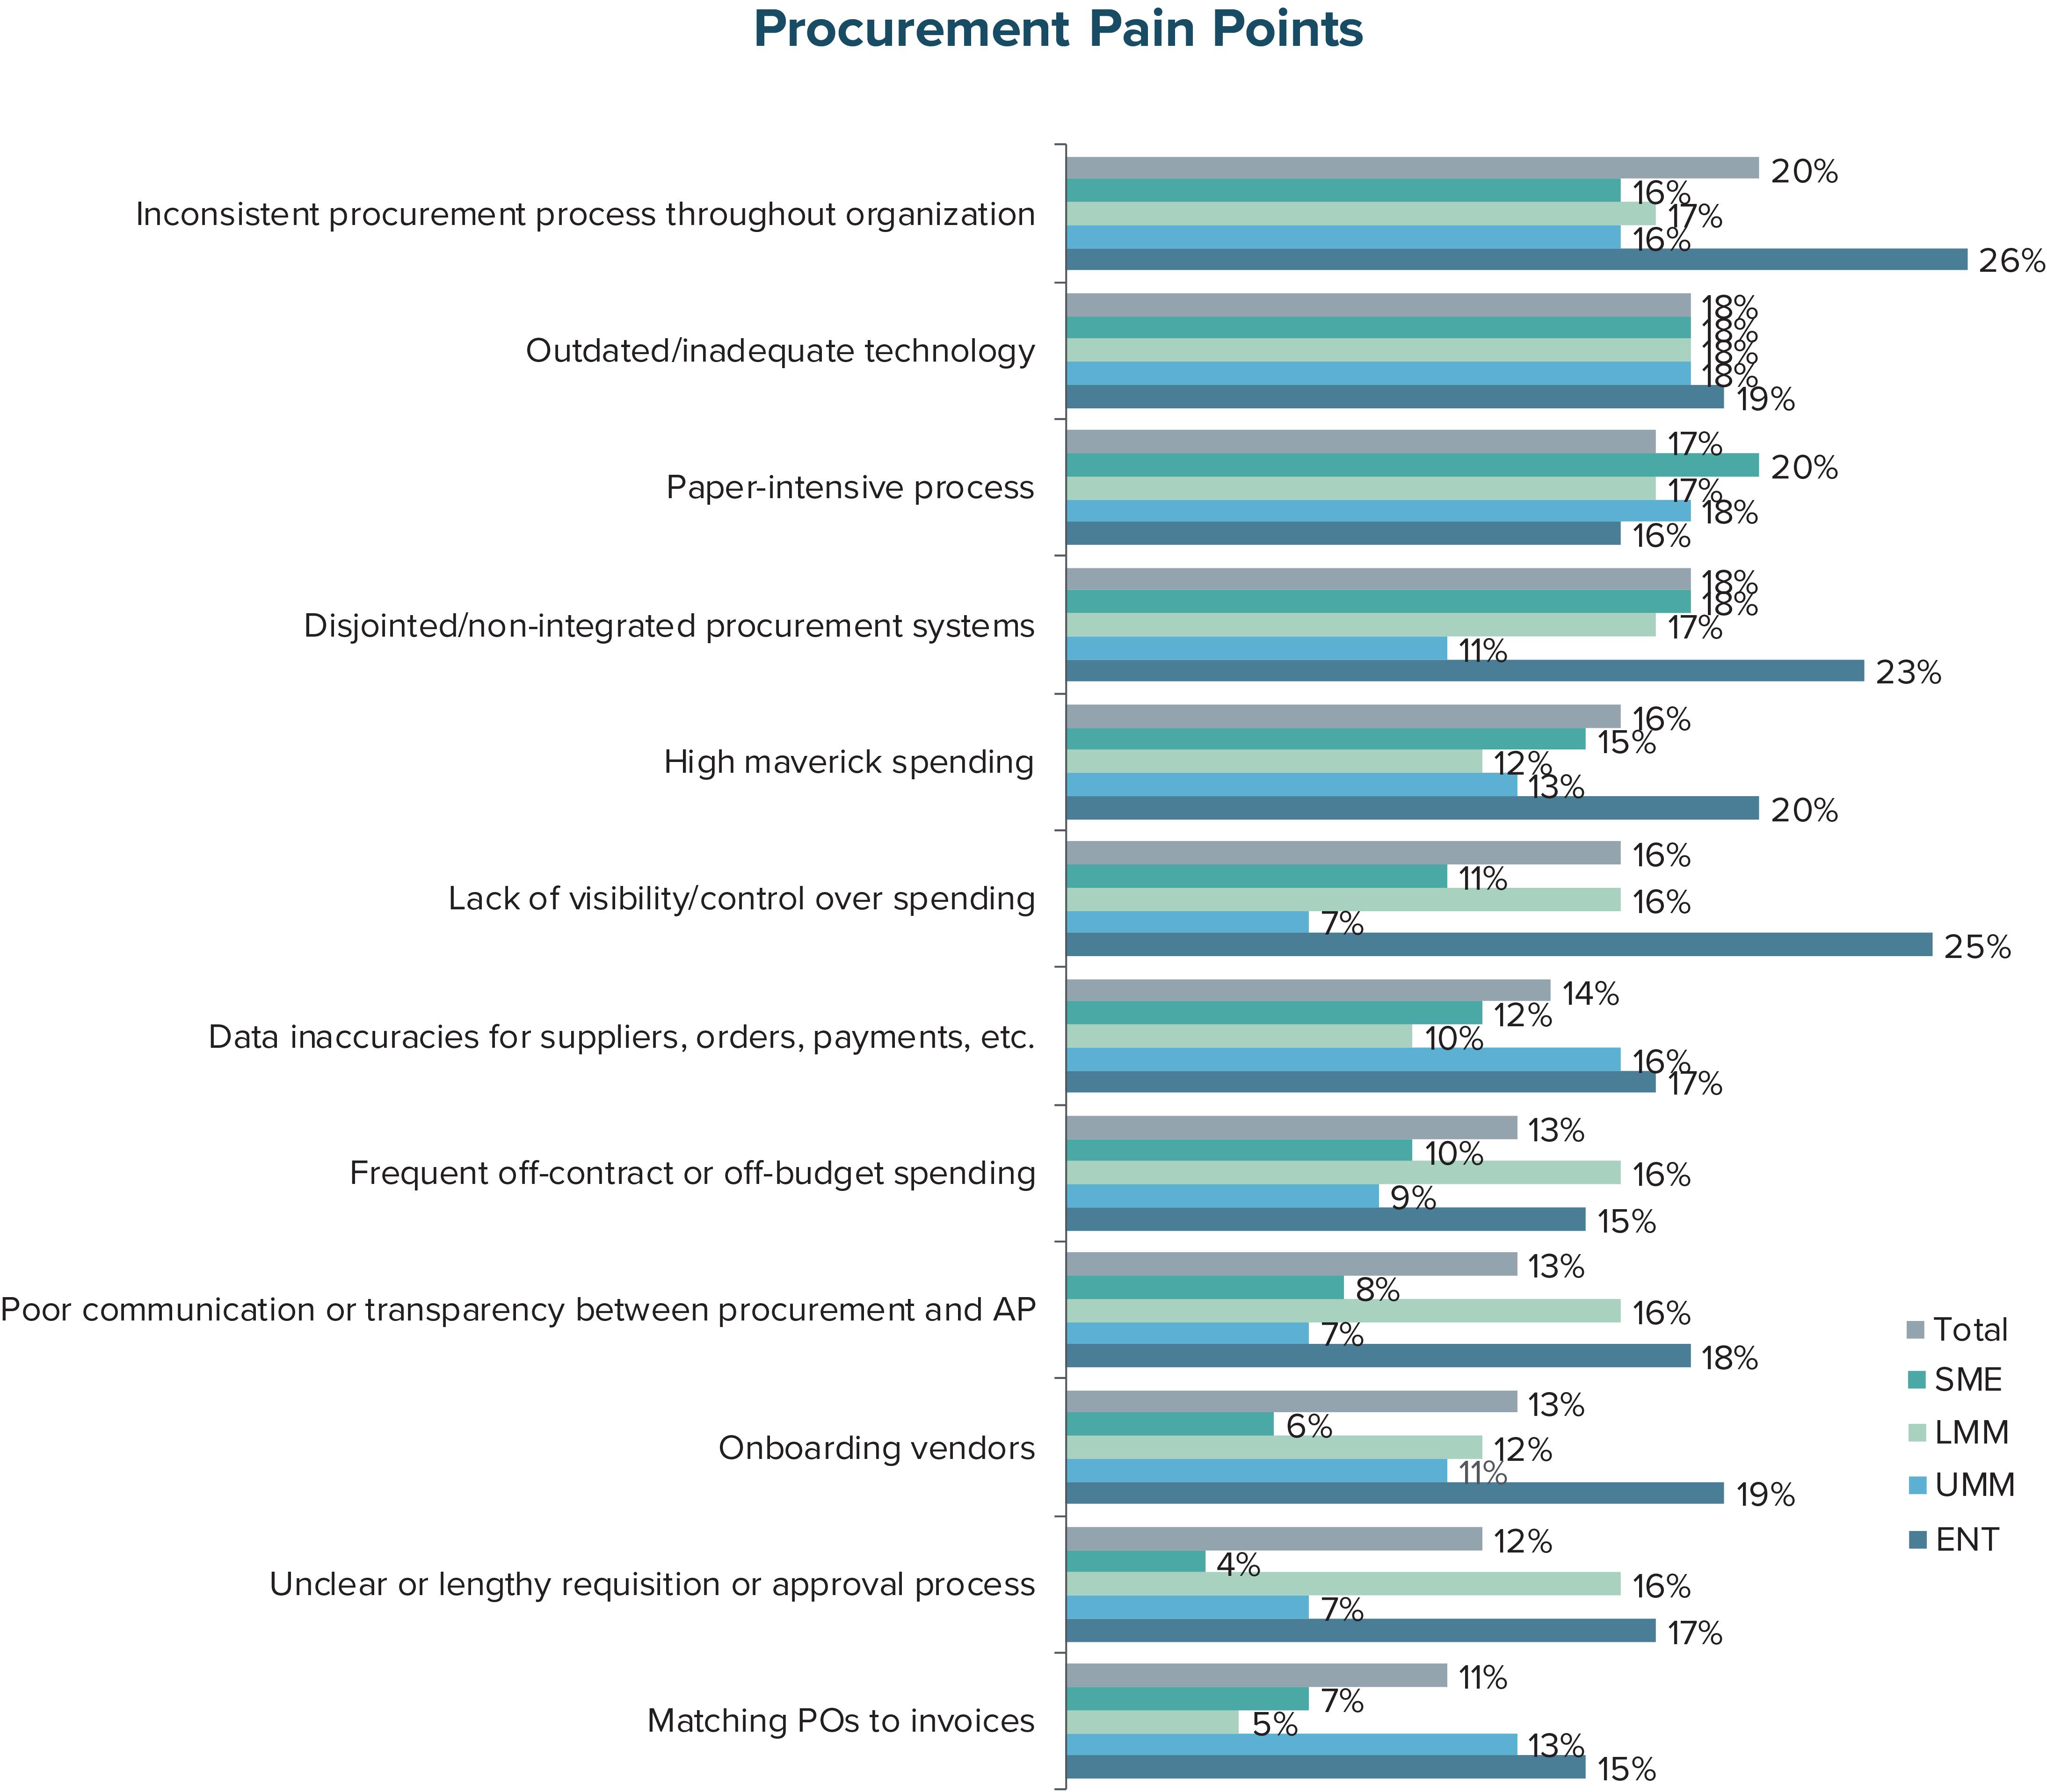 Procurement Pain Points